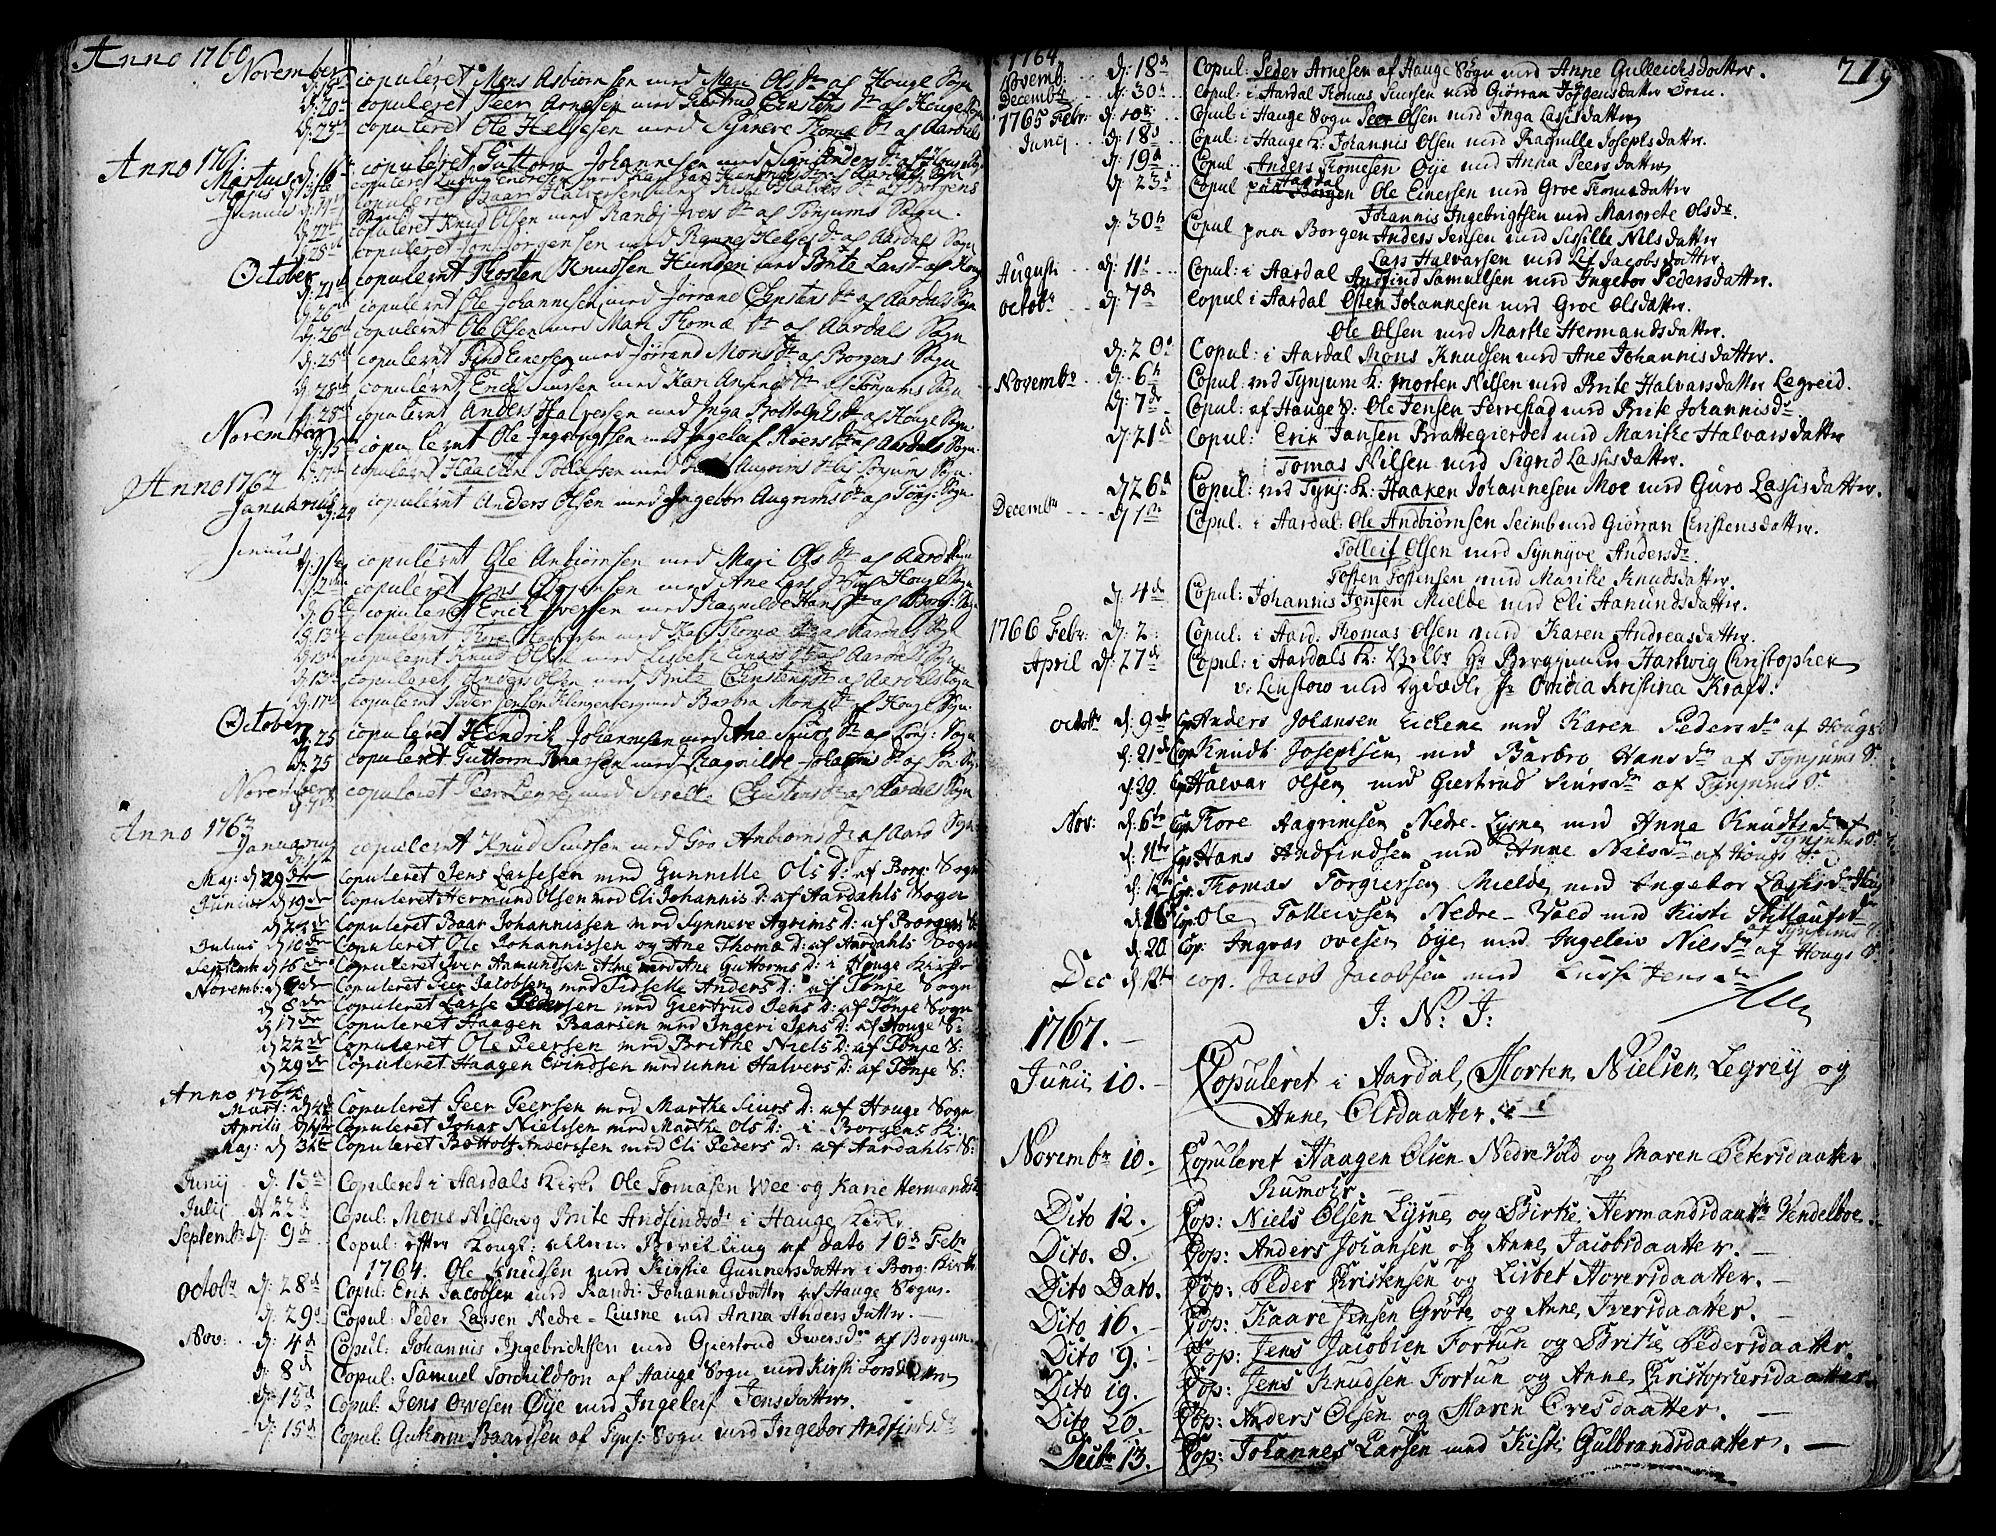 SAB, Lærdal sokneprestembete, Ministerialbok nr. A 2, 1752-1782, s. 219